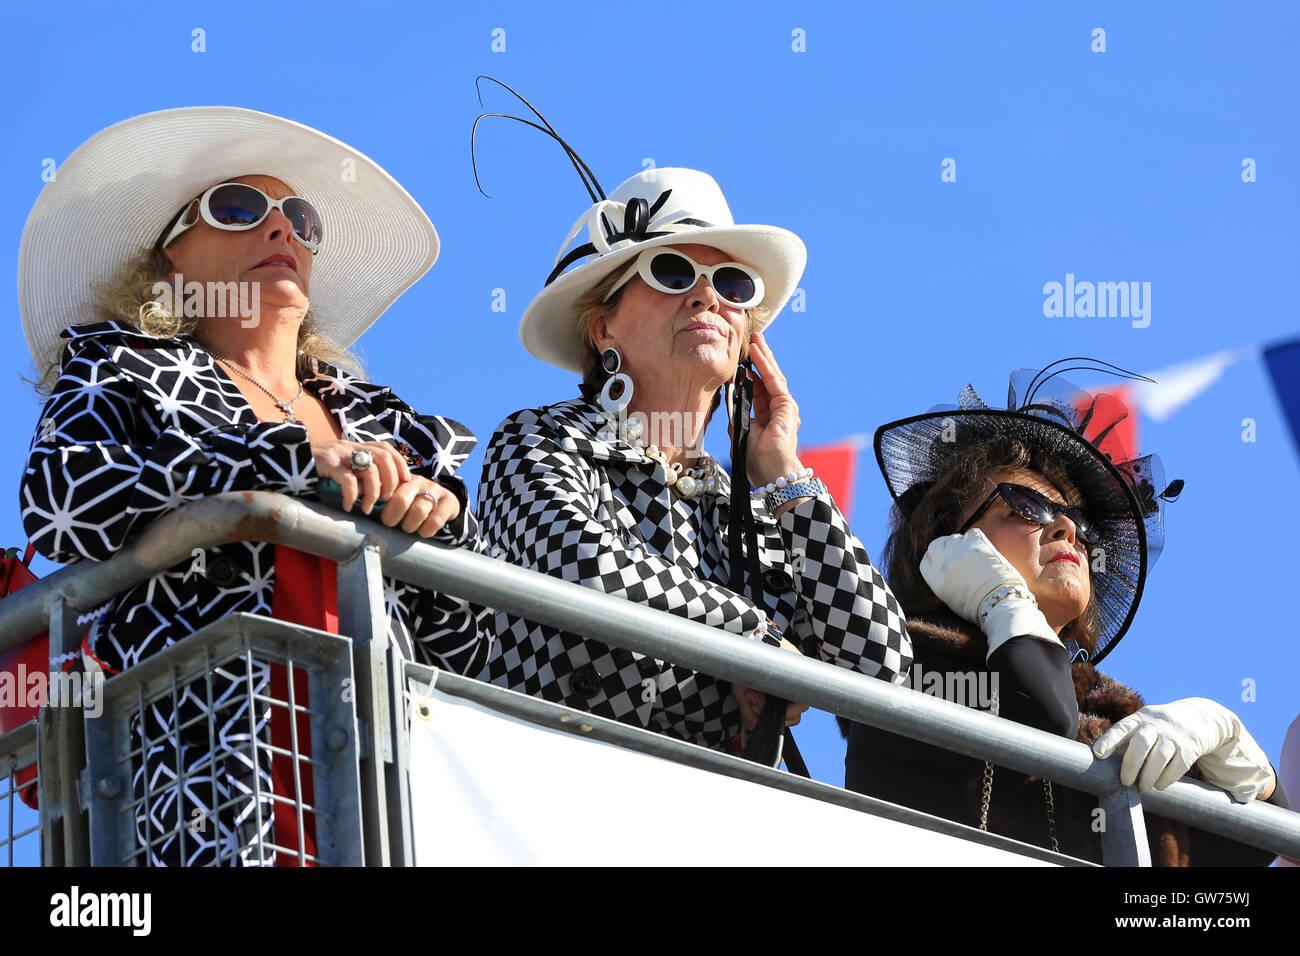 Chichester, UK. 11. September 2016. Zuschauer in zeitgenössischer Kleidung.  Das Goodwood Revival ist eine Stockbild